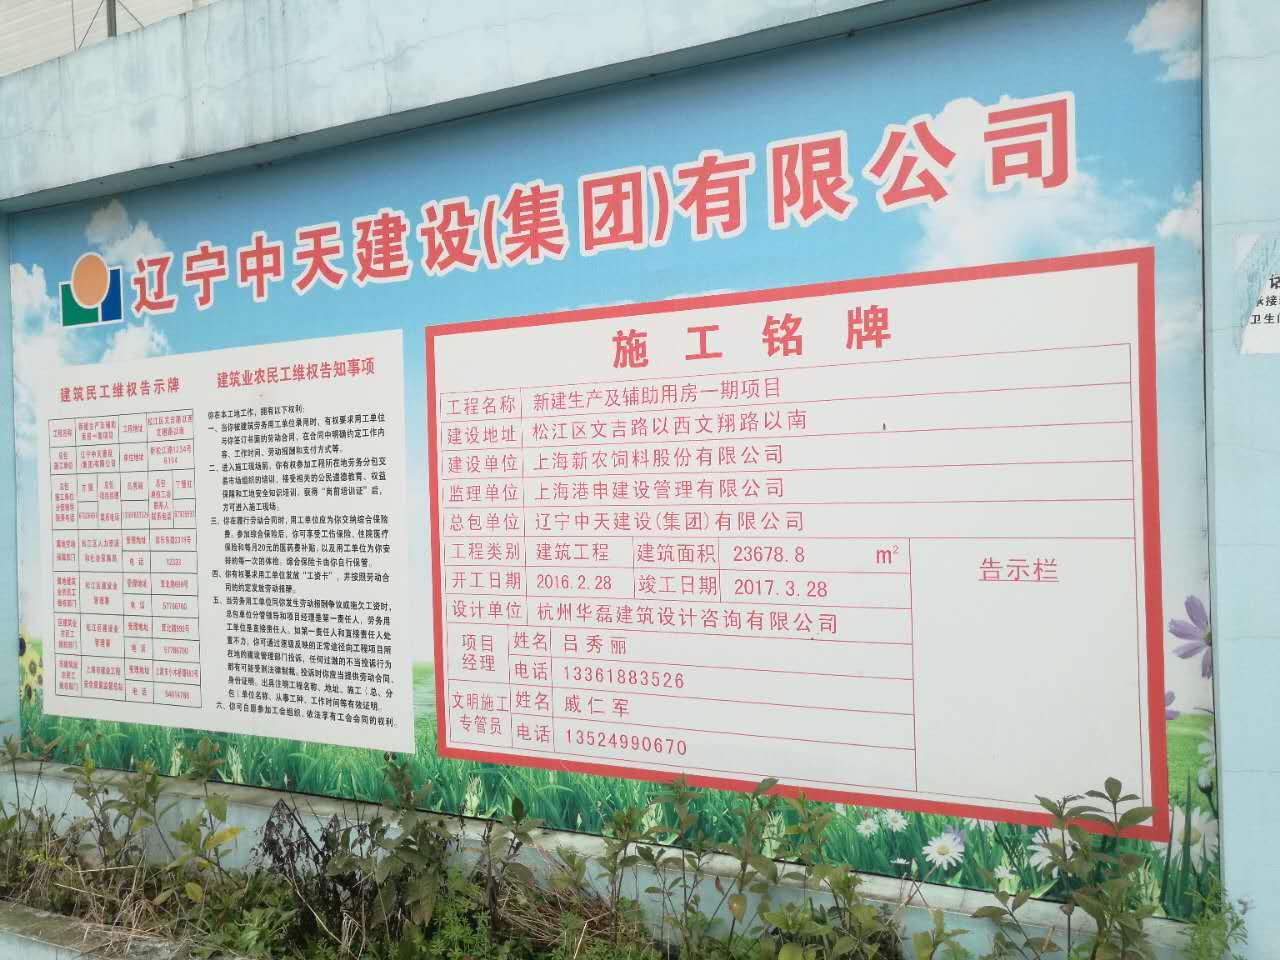 上海新农饲料股份有限公司新建生产及辅助用房一期